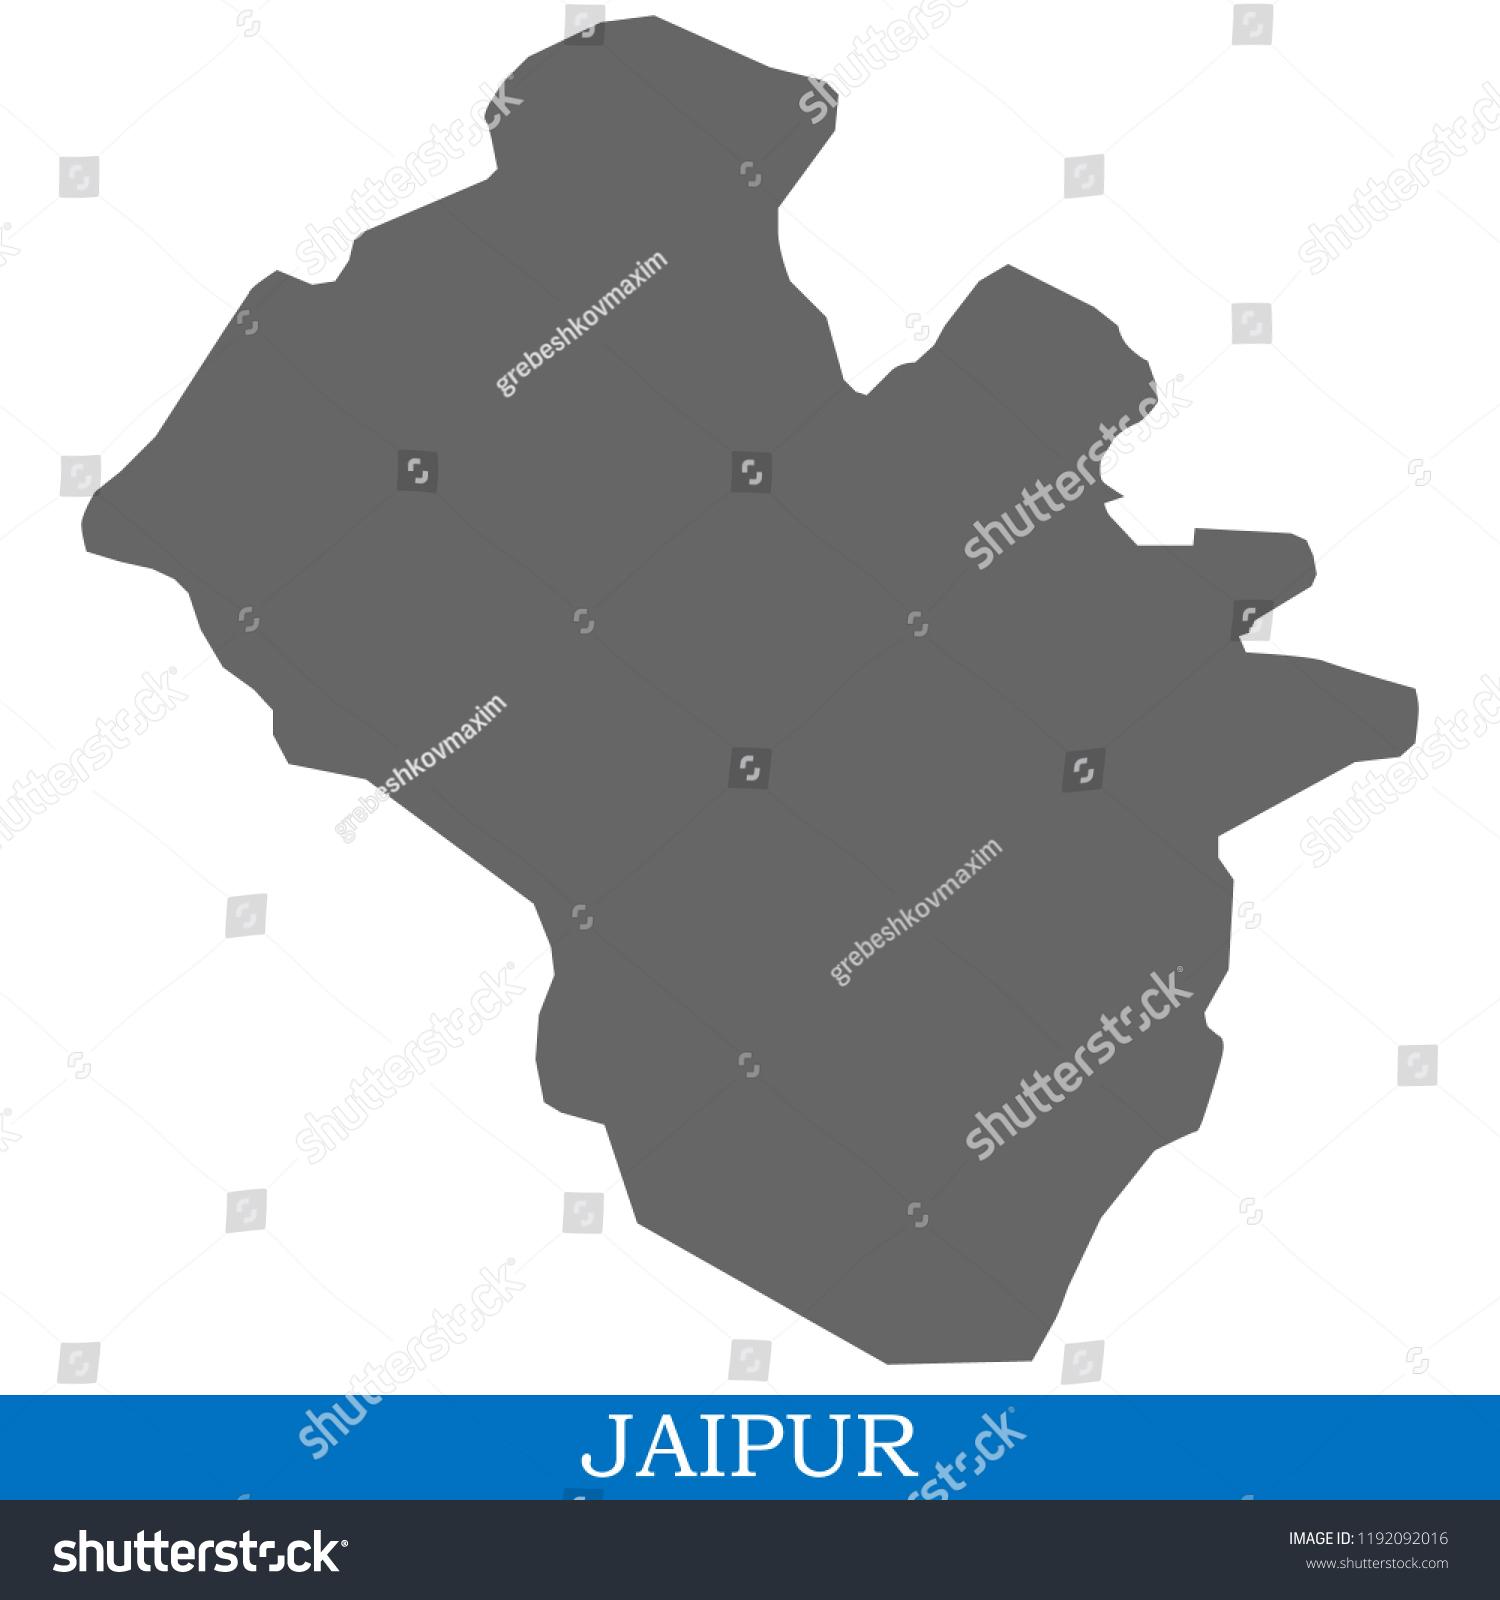 jaipur city map